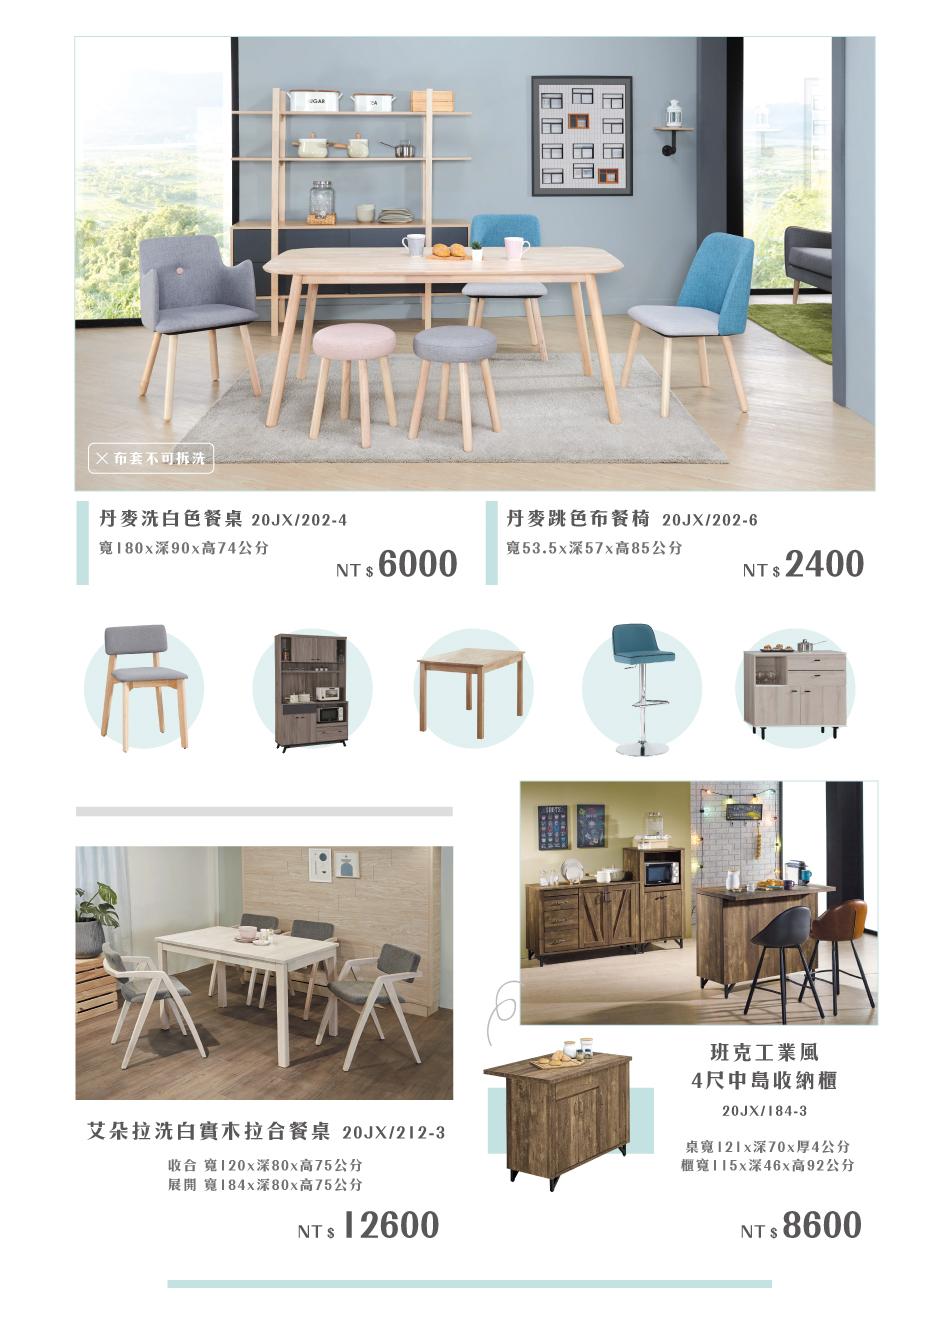 家具型錄 UR Design 2020 餐廳